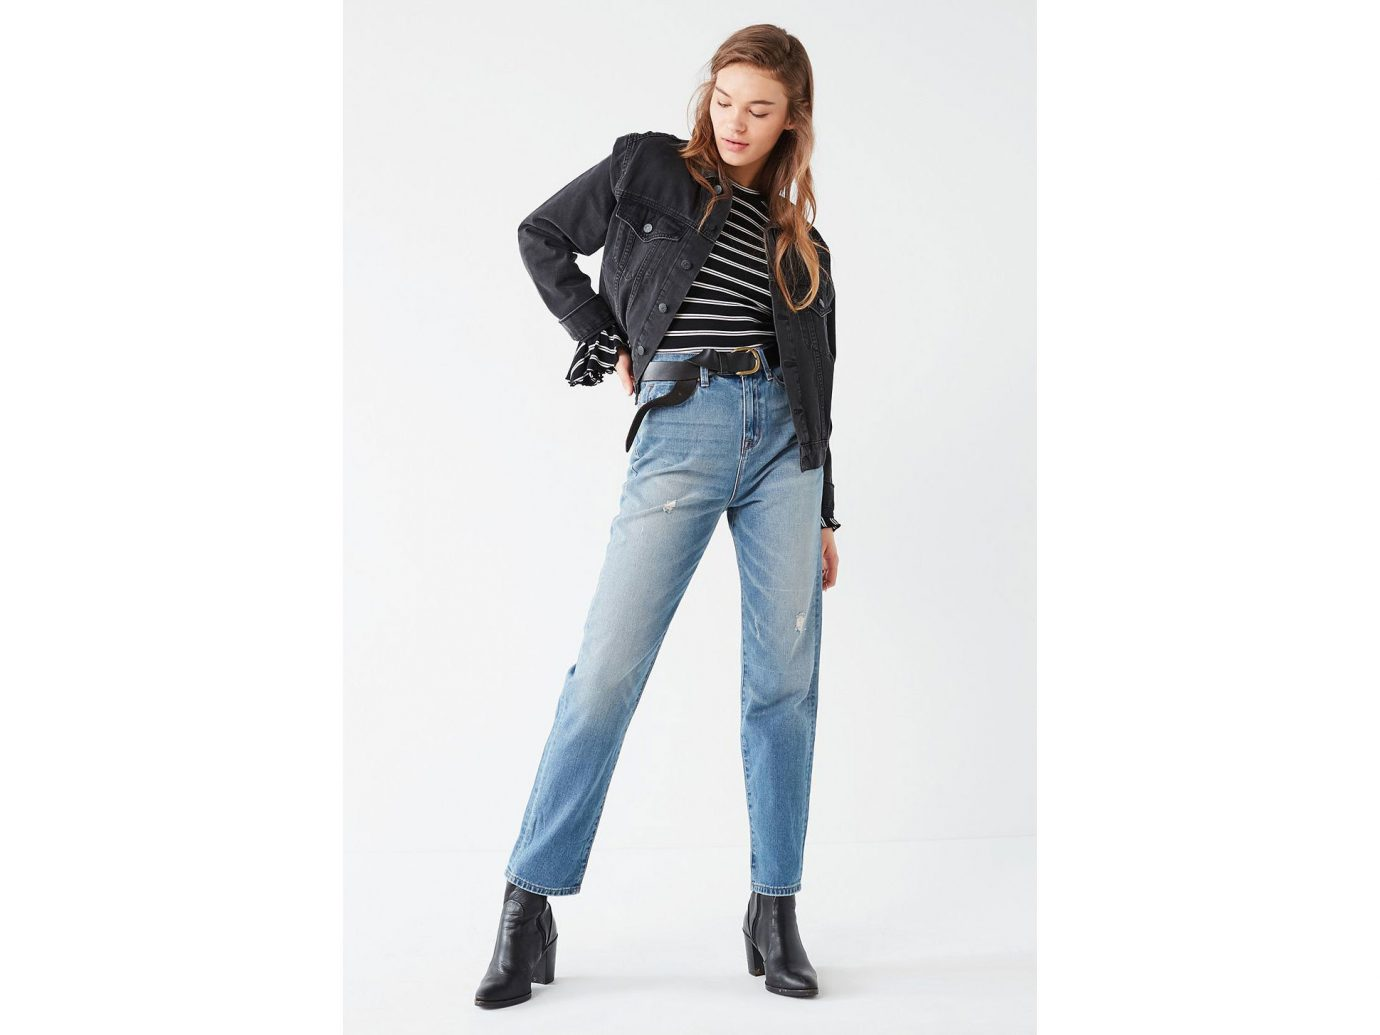 Travel Shop Travel Trends jeans fashion model person denim waist shoulder trousers joint trouser electric blue posing abdomen shoe